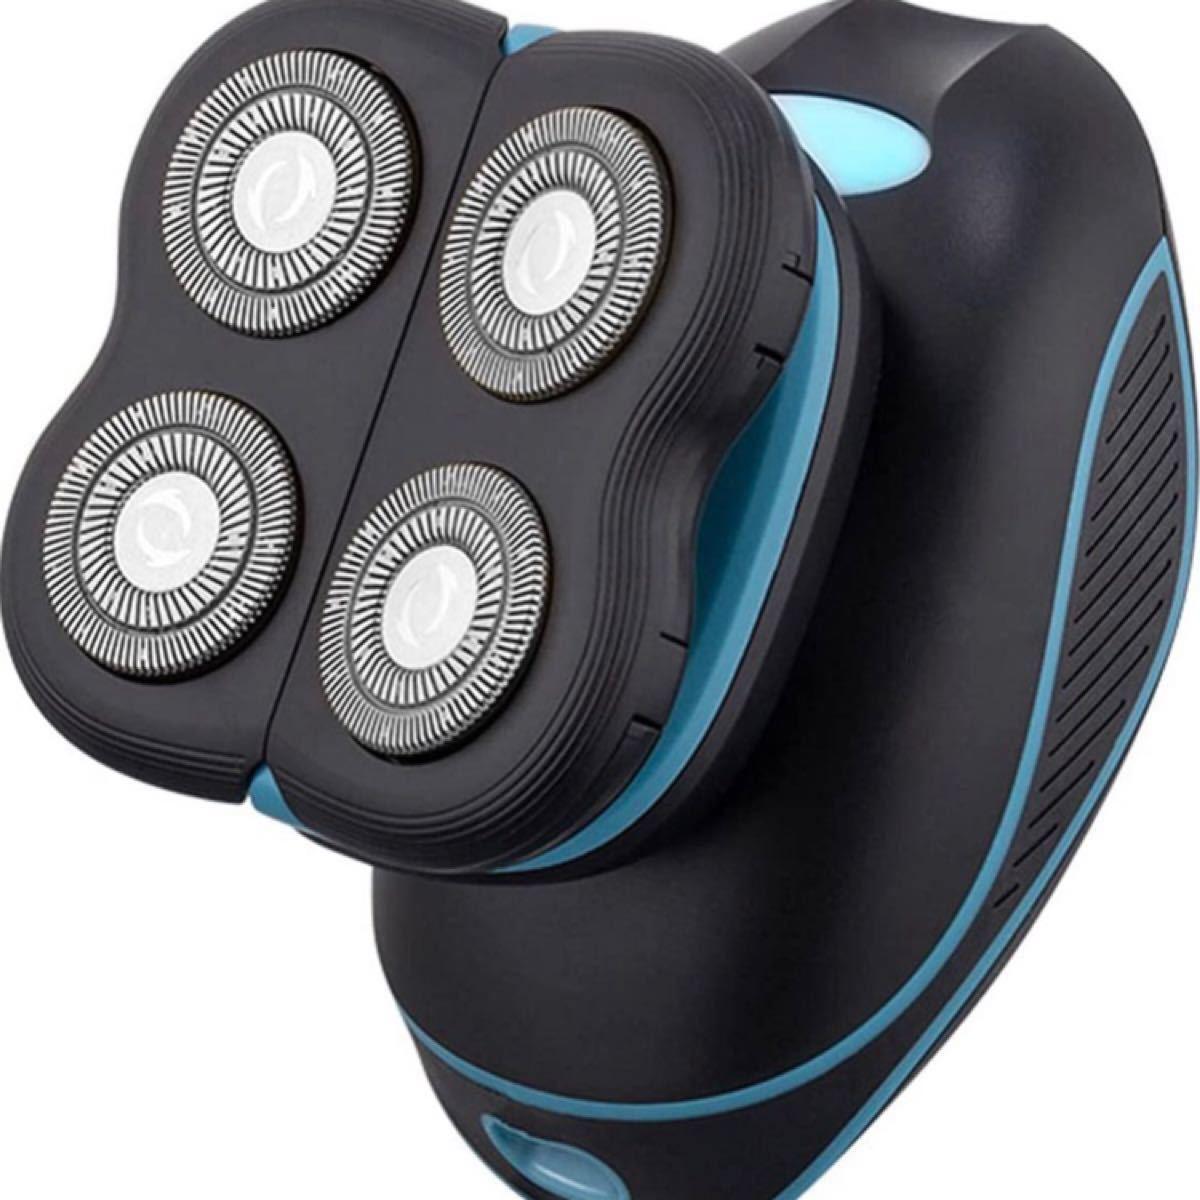 メンズ 電気シェーバー ひげそり メンズ 回転式 4枚刃 USB充電式 IPX7防水 お風呂剃り可 LEDディスプレイ